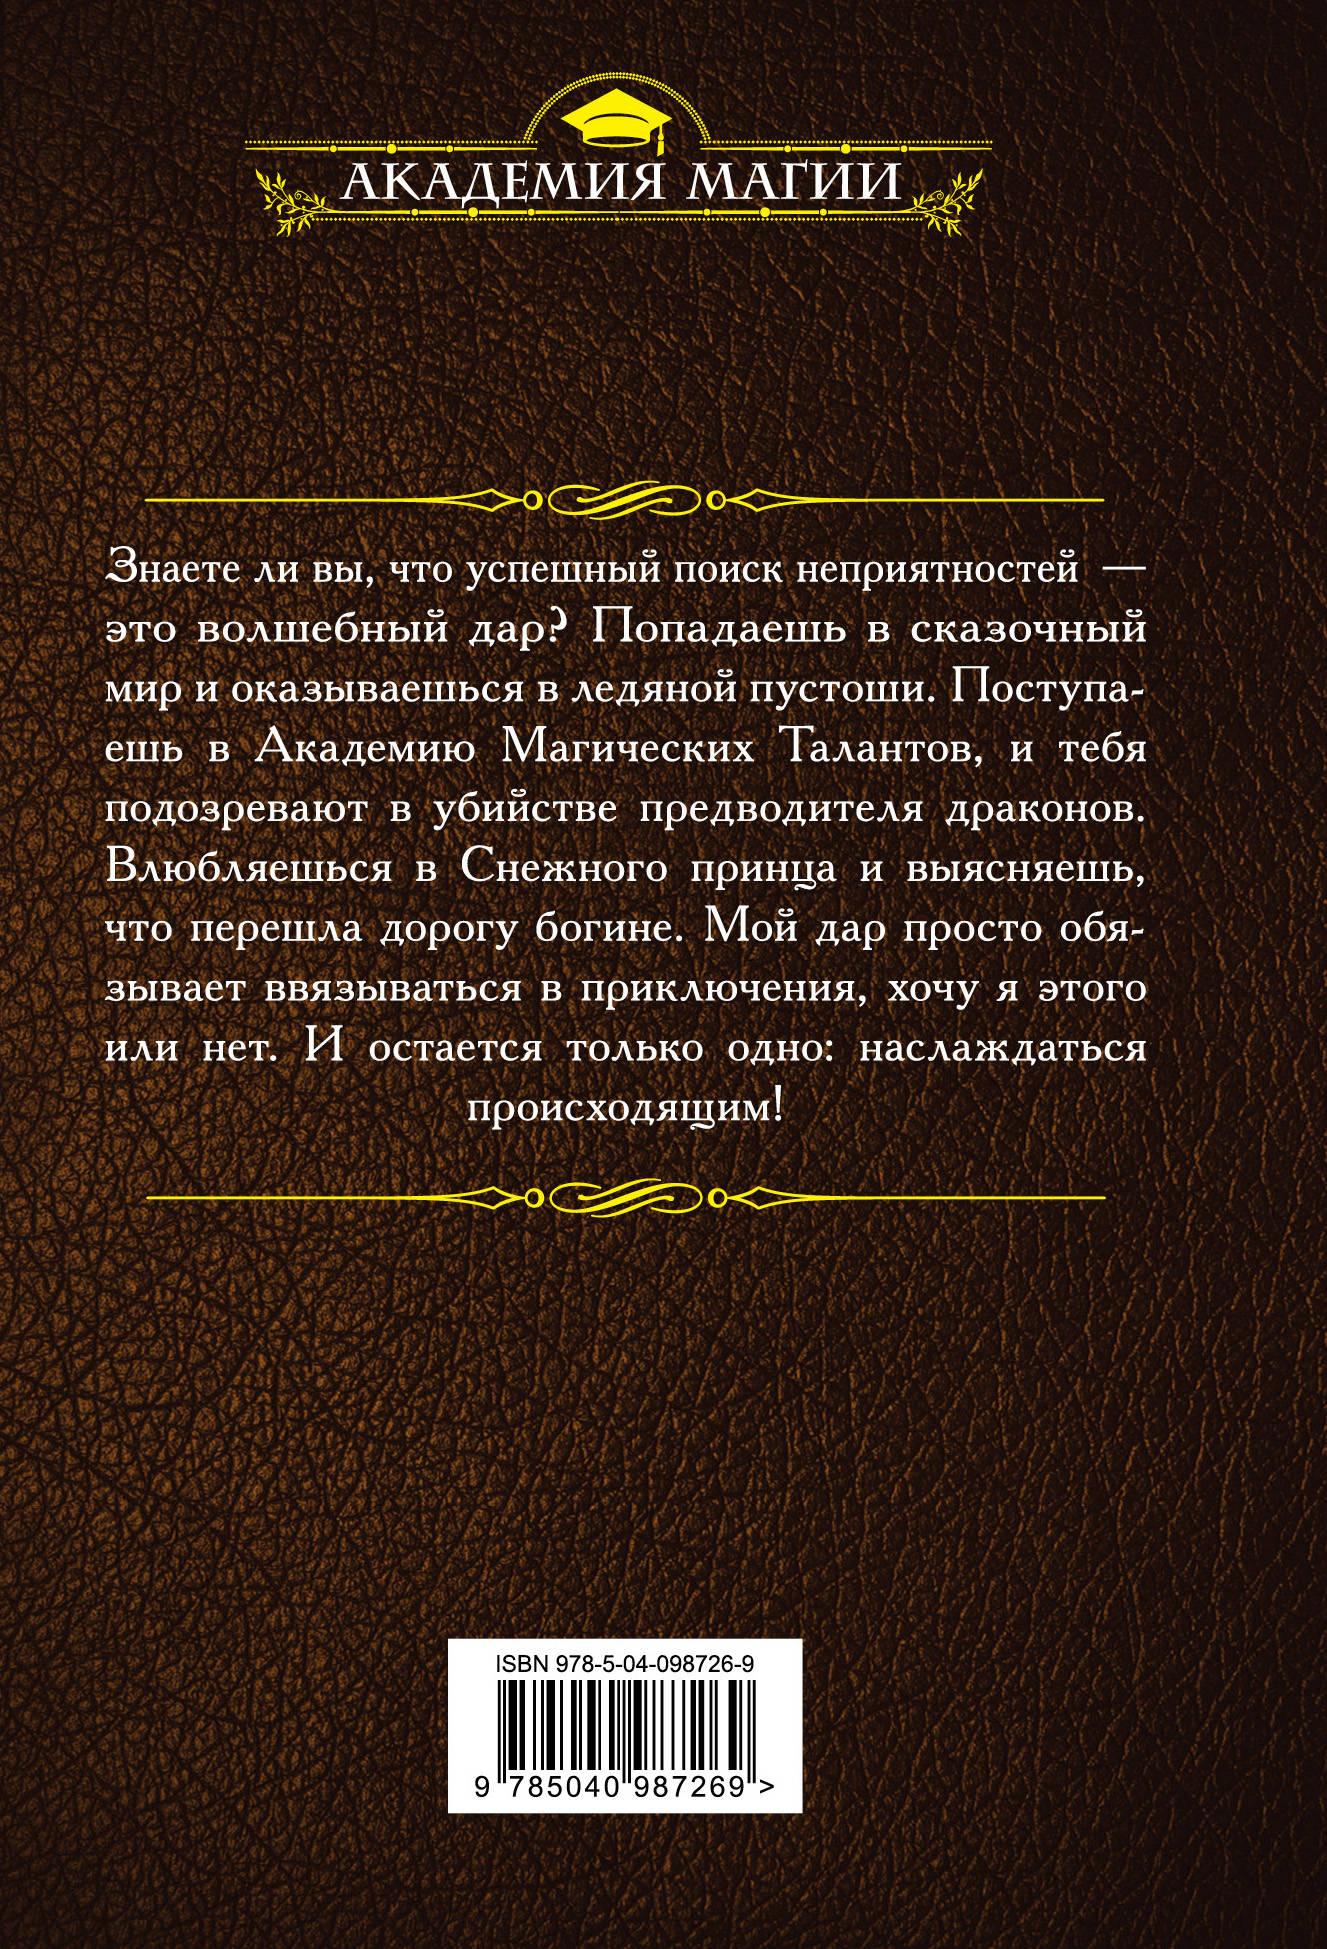 Академия Магических Талантов. О. С. Шерстобитова